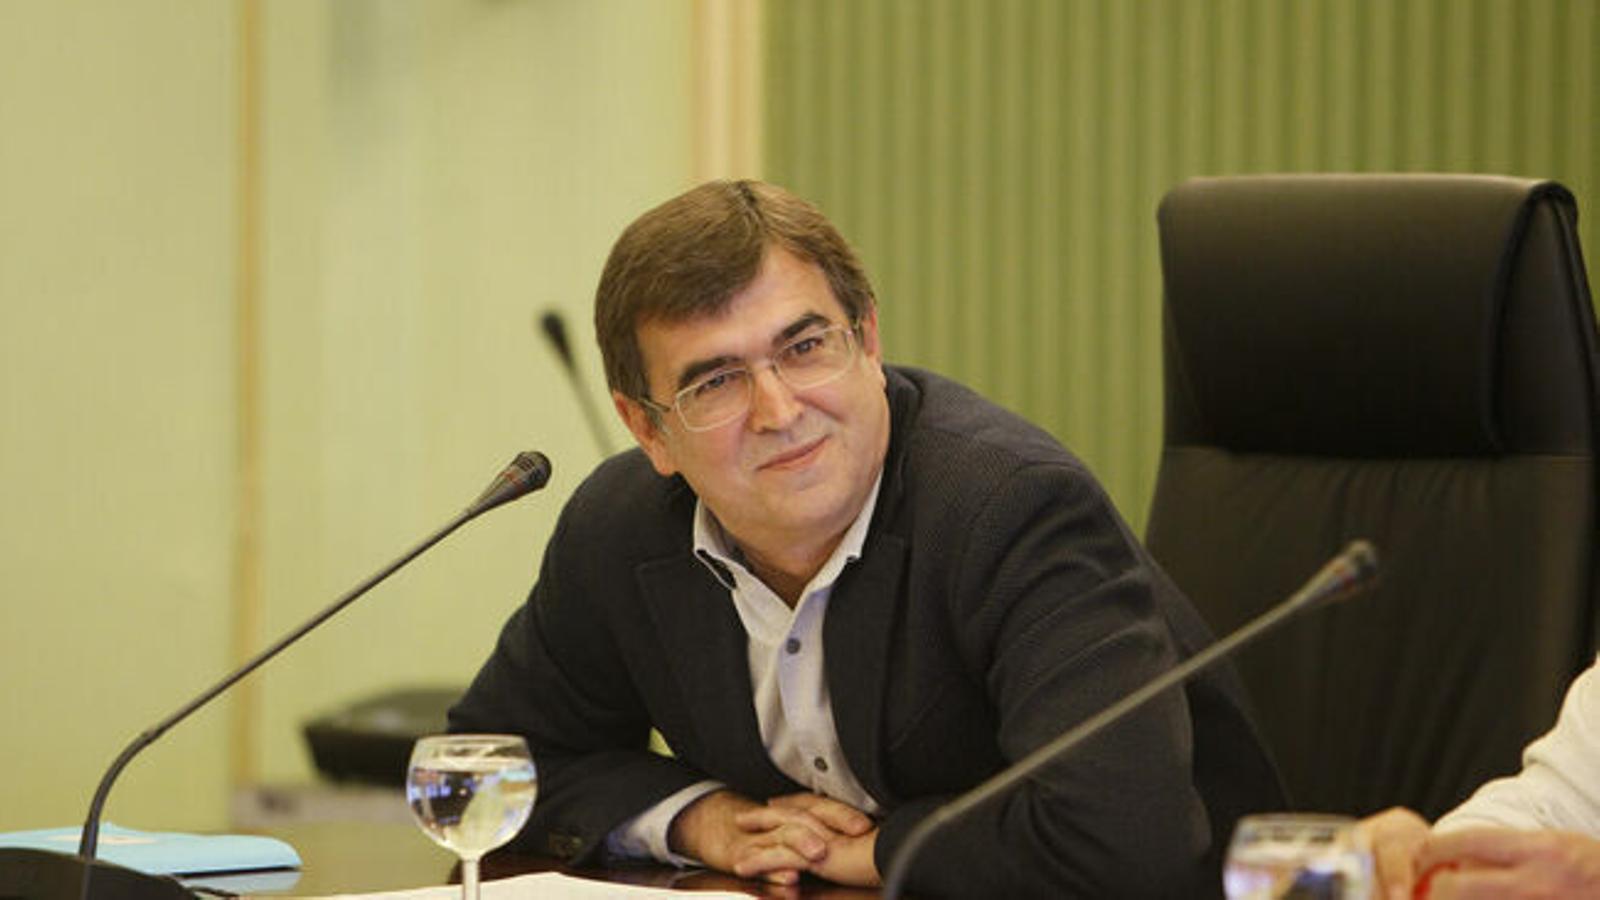 L'expresident del Govern Francesc Antich en una imatge d'arxiu.